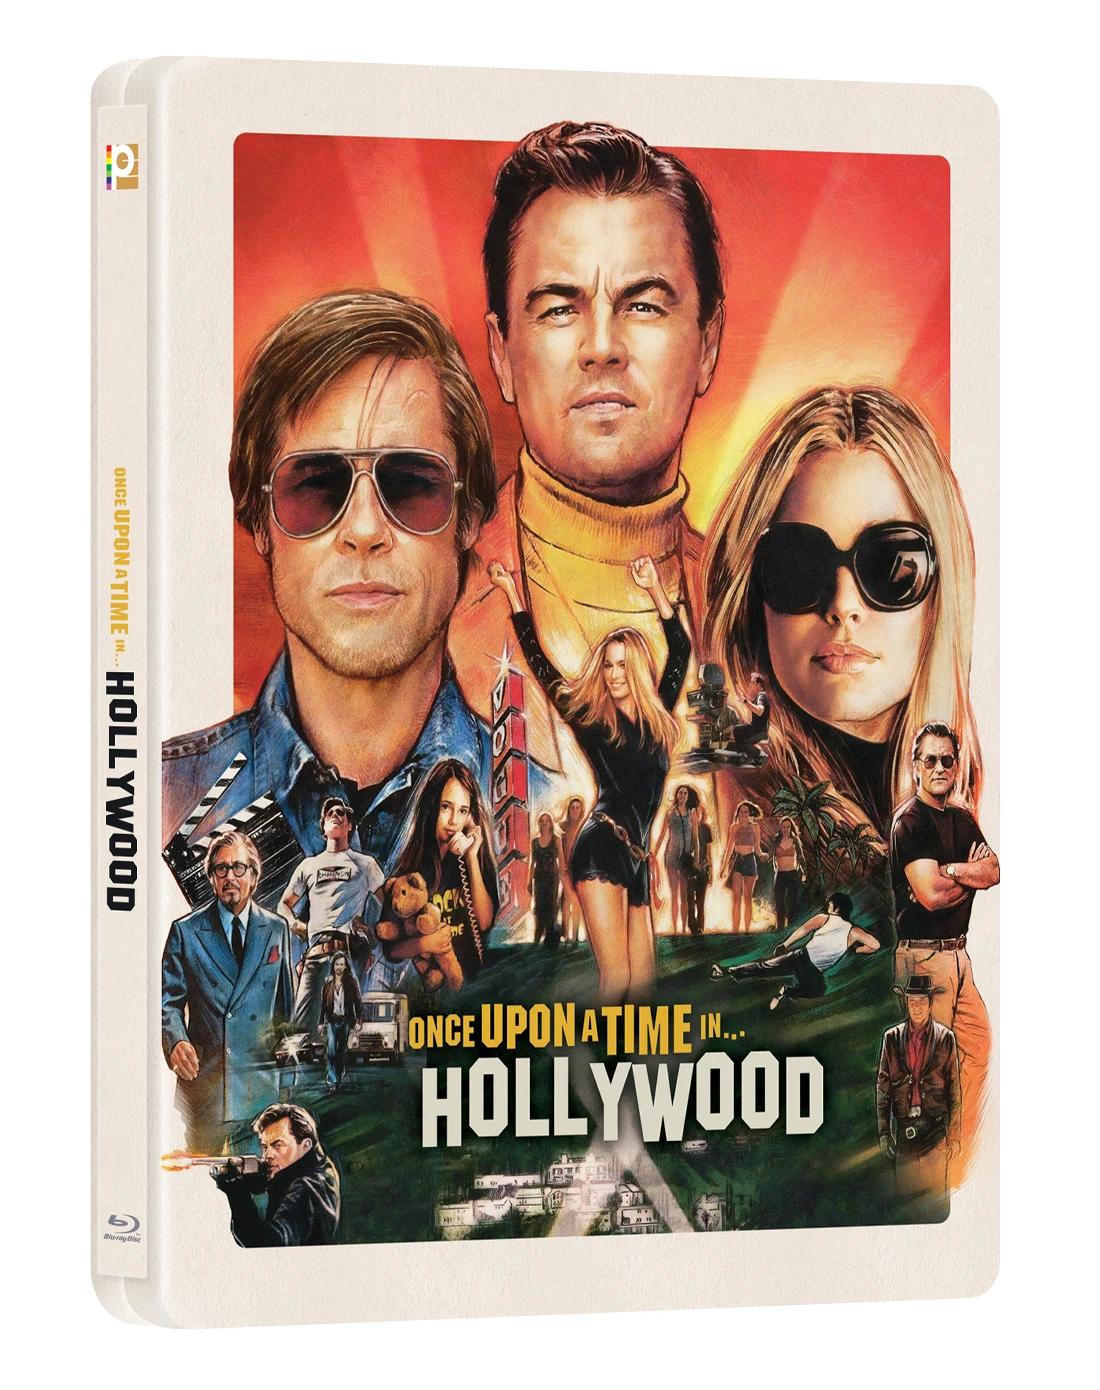 ワンス・アポン・ア・タイム・イン・ハリウッド Manta Lab Once Upon A Time In Hollywood steelbook スチールブック